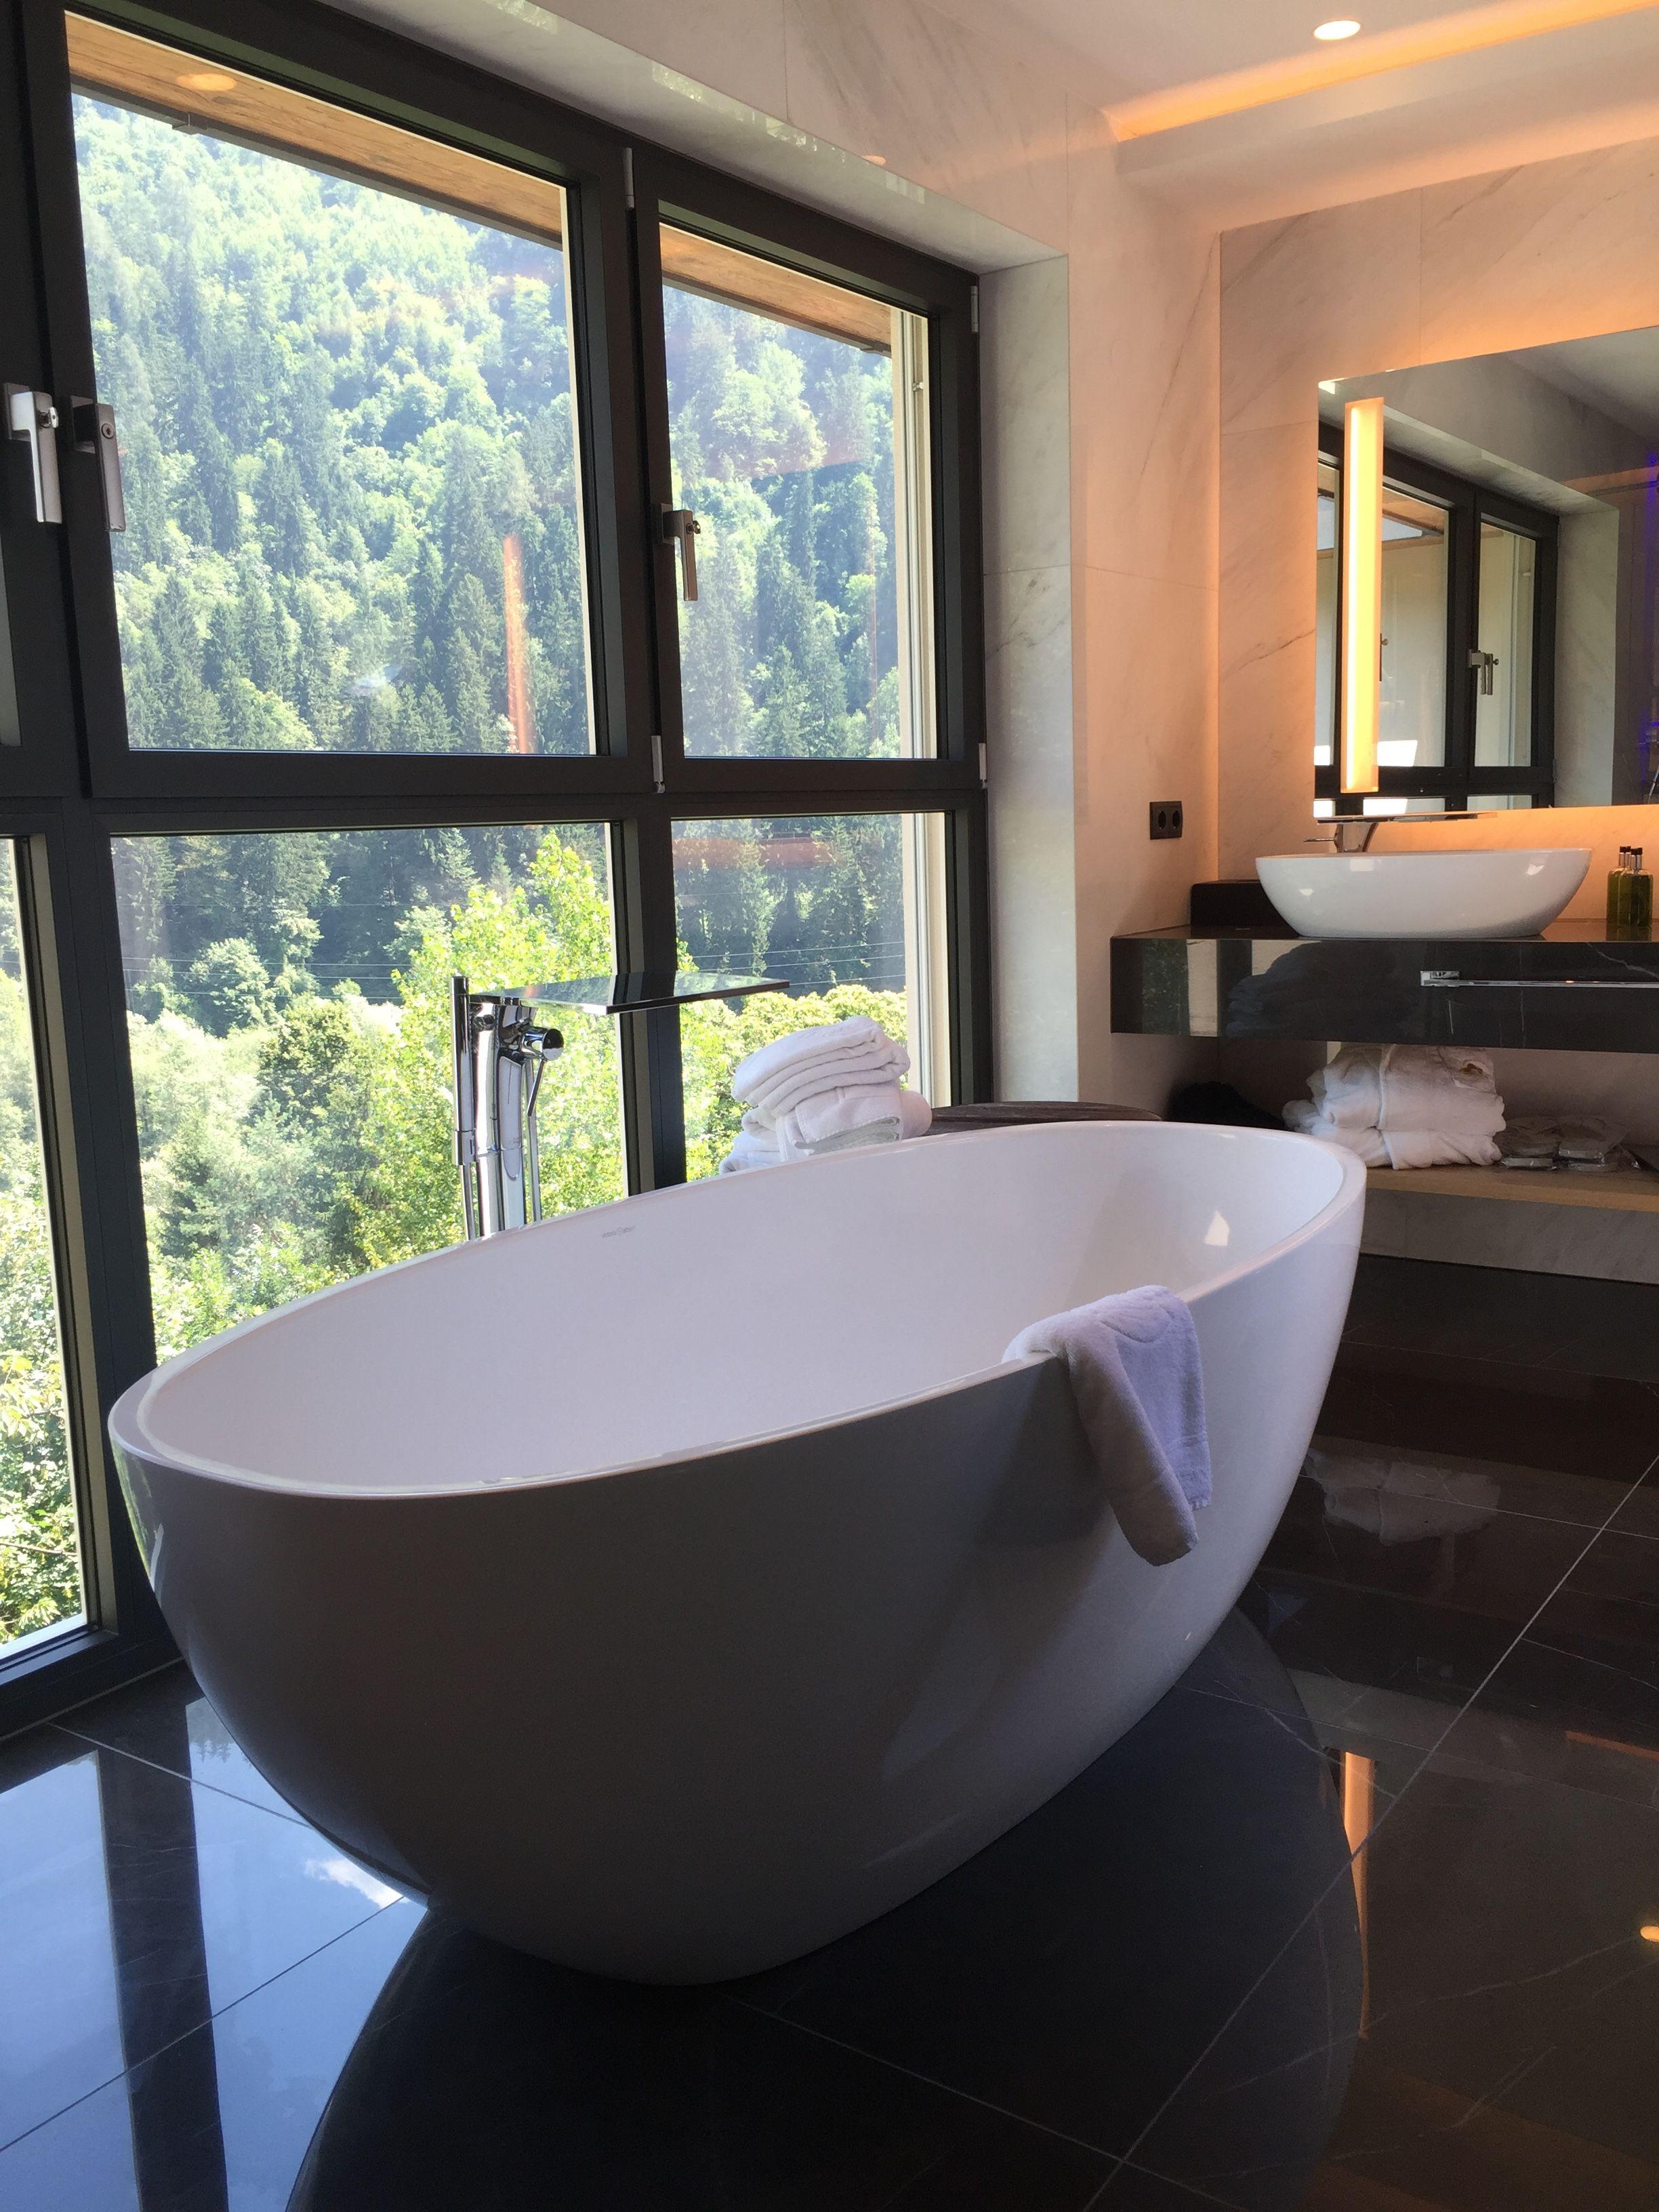 Freistehende Badewanne Auf Bodenfliesen In Marmoroptik #Badezimmer #Badewanne #Marmorfliesen